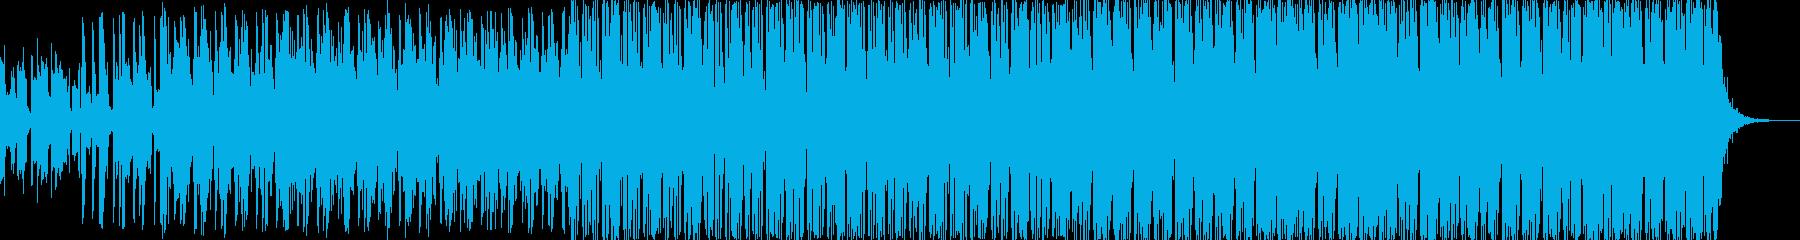 ゆったり 優しい 宇宙系エレクトロニカの再生済みの波形